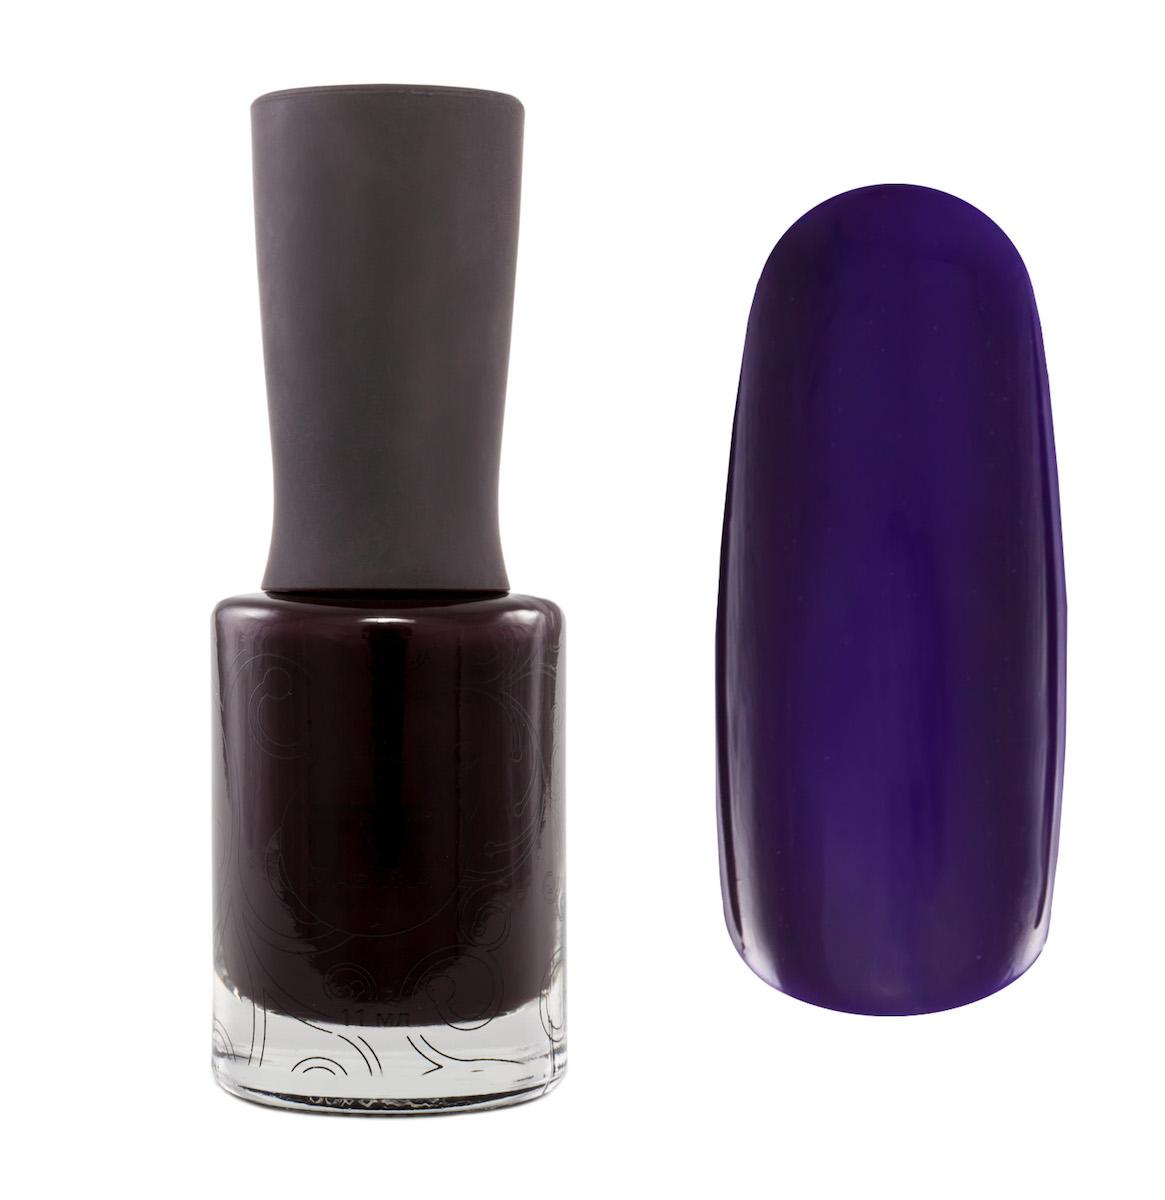 Masura Лак для ногтей Для Него, 11 мл1034чернильный желейный с фиолетовый подтоном, лаковая версия гель-лака MASURA MASCULINE Для Него